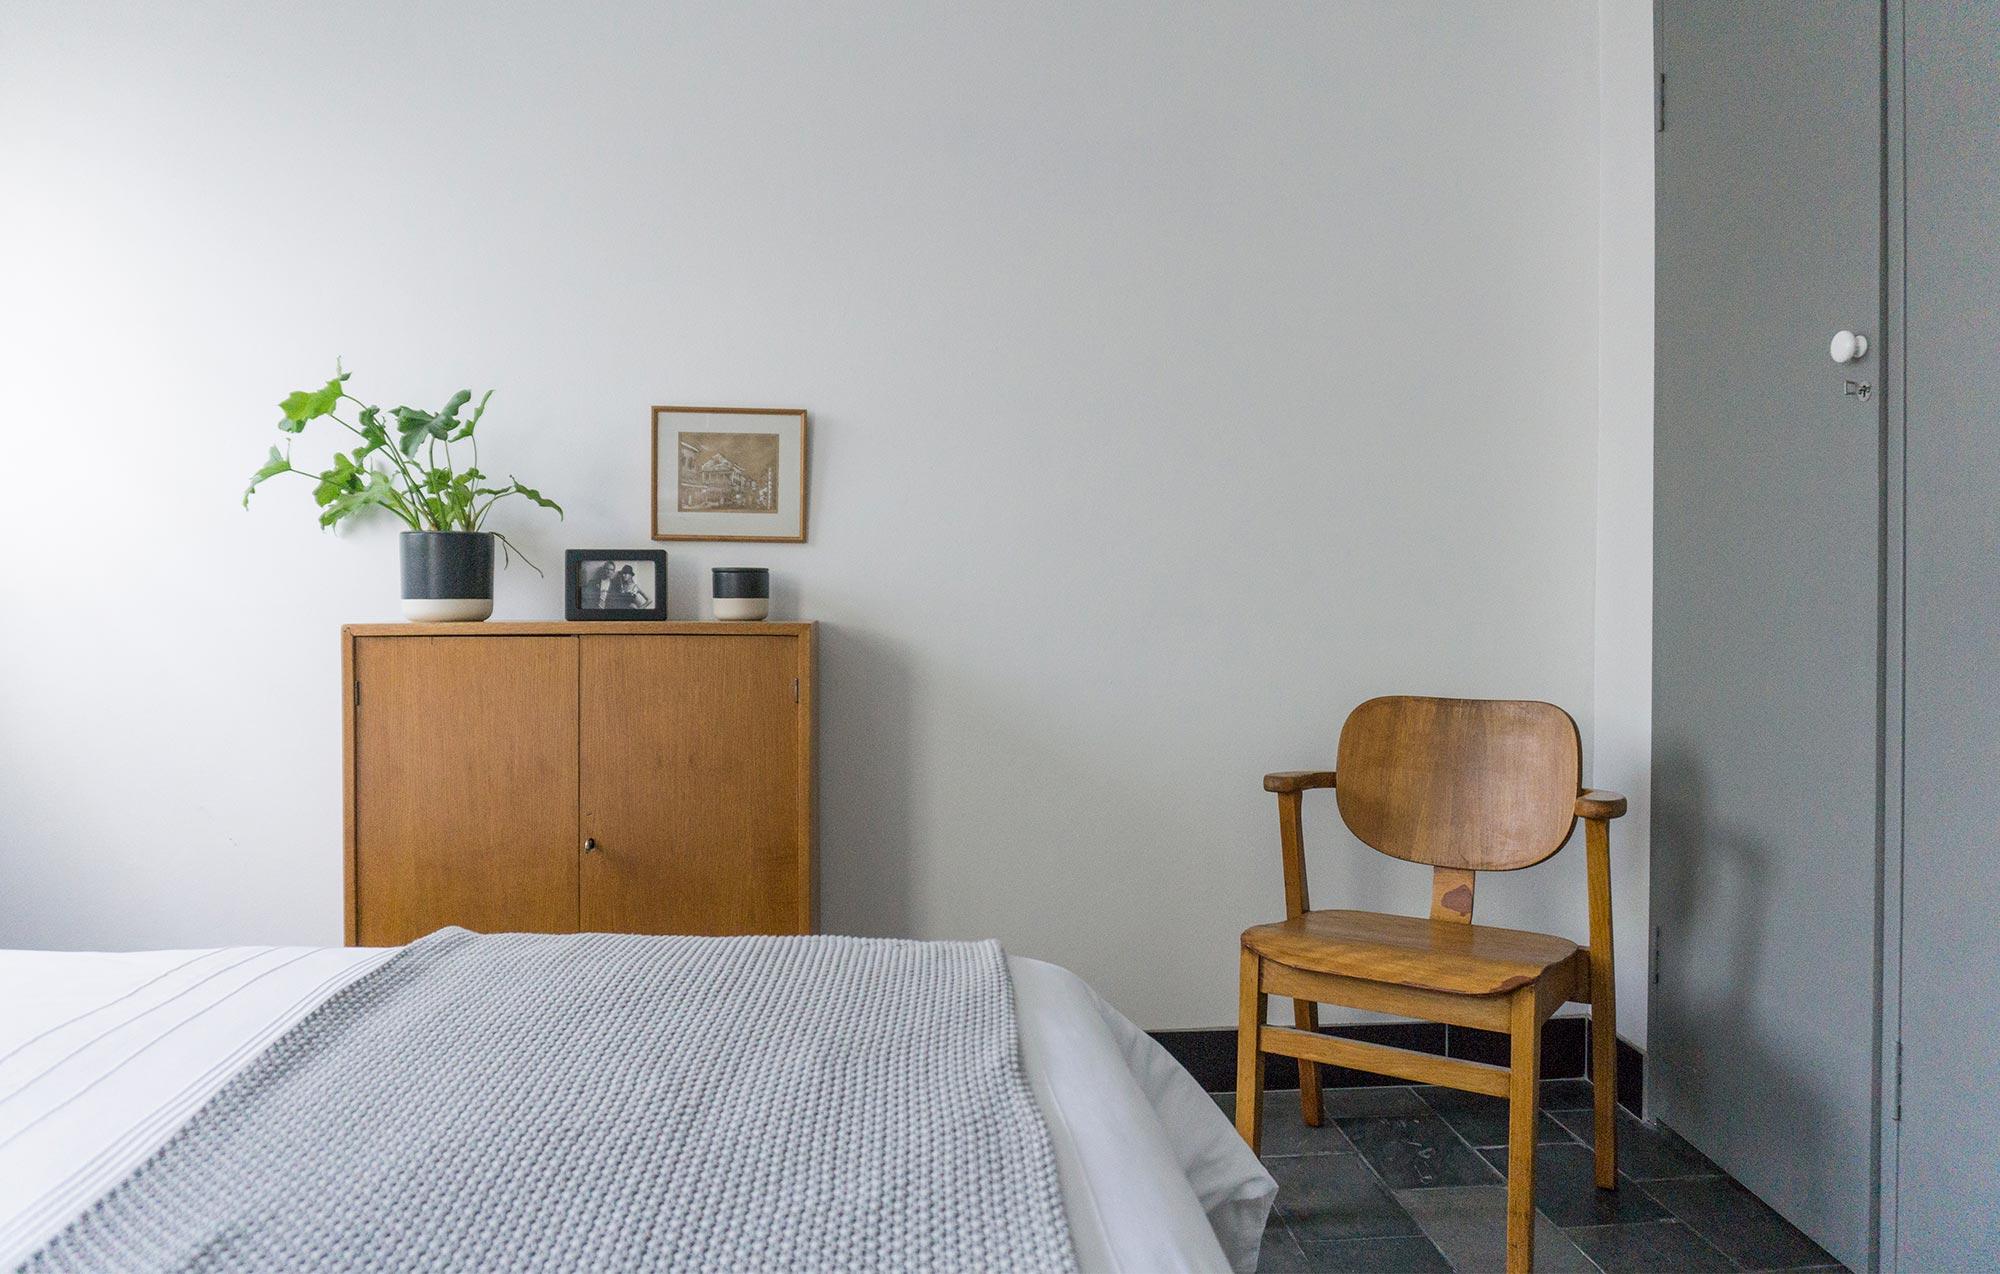 minimalisme detachement materiel piste reflexion